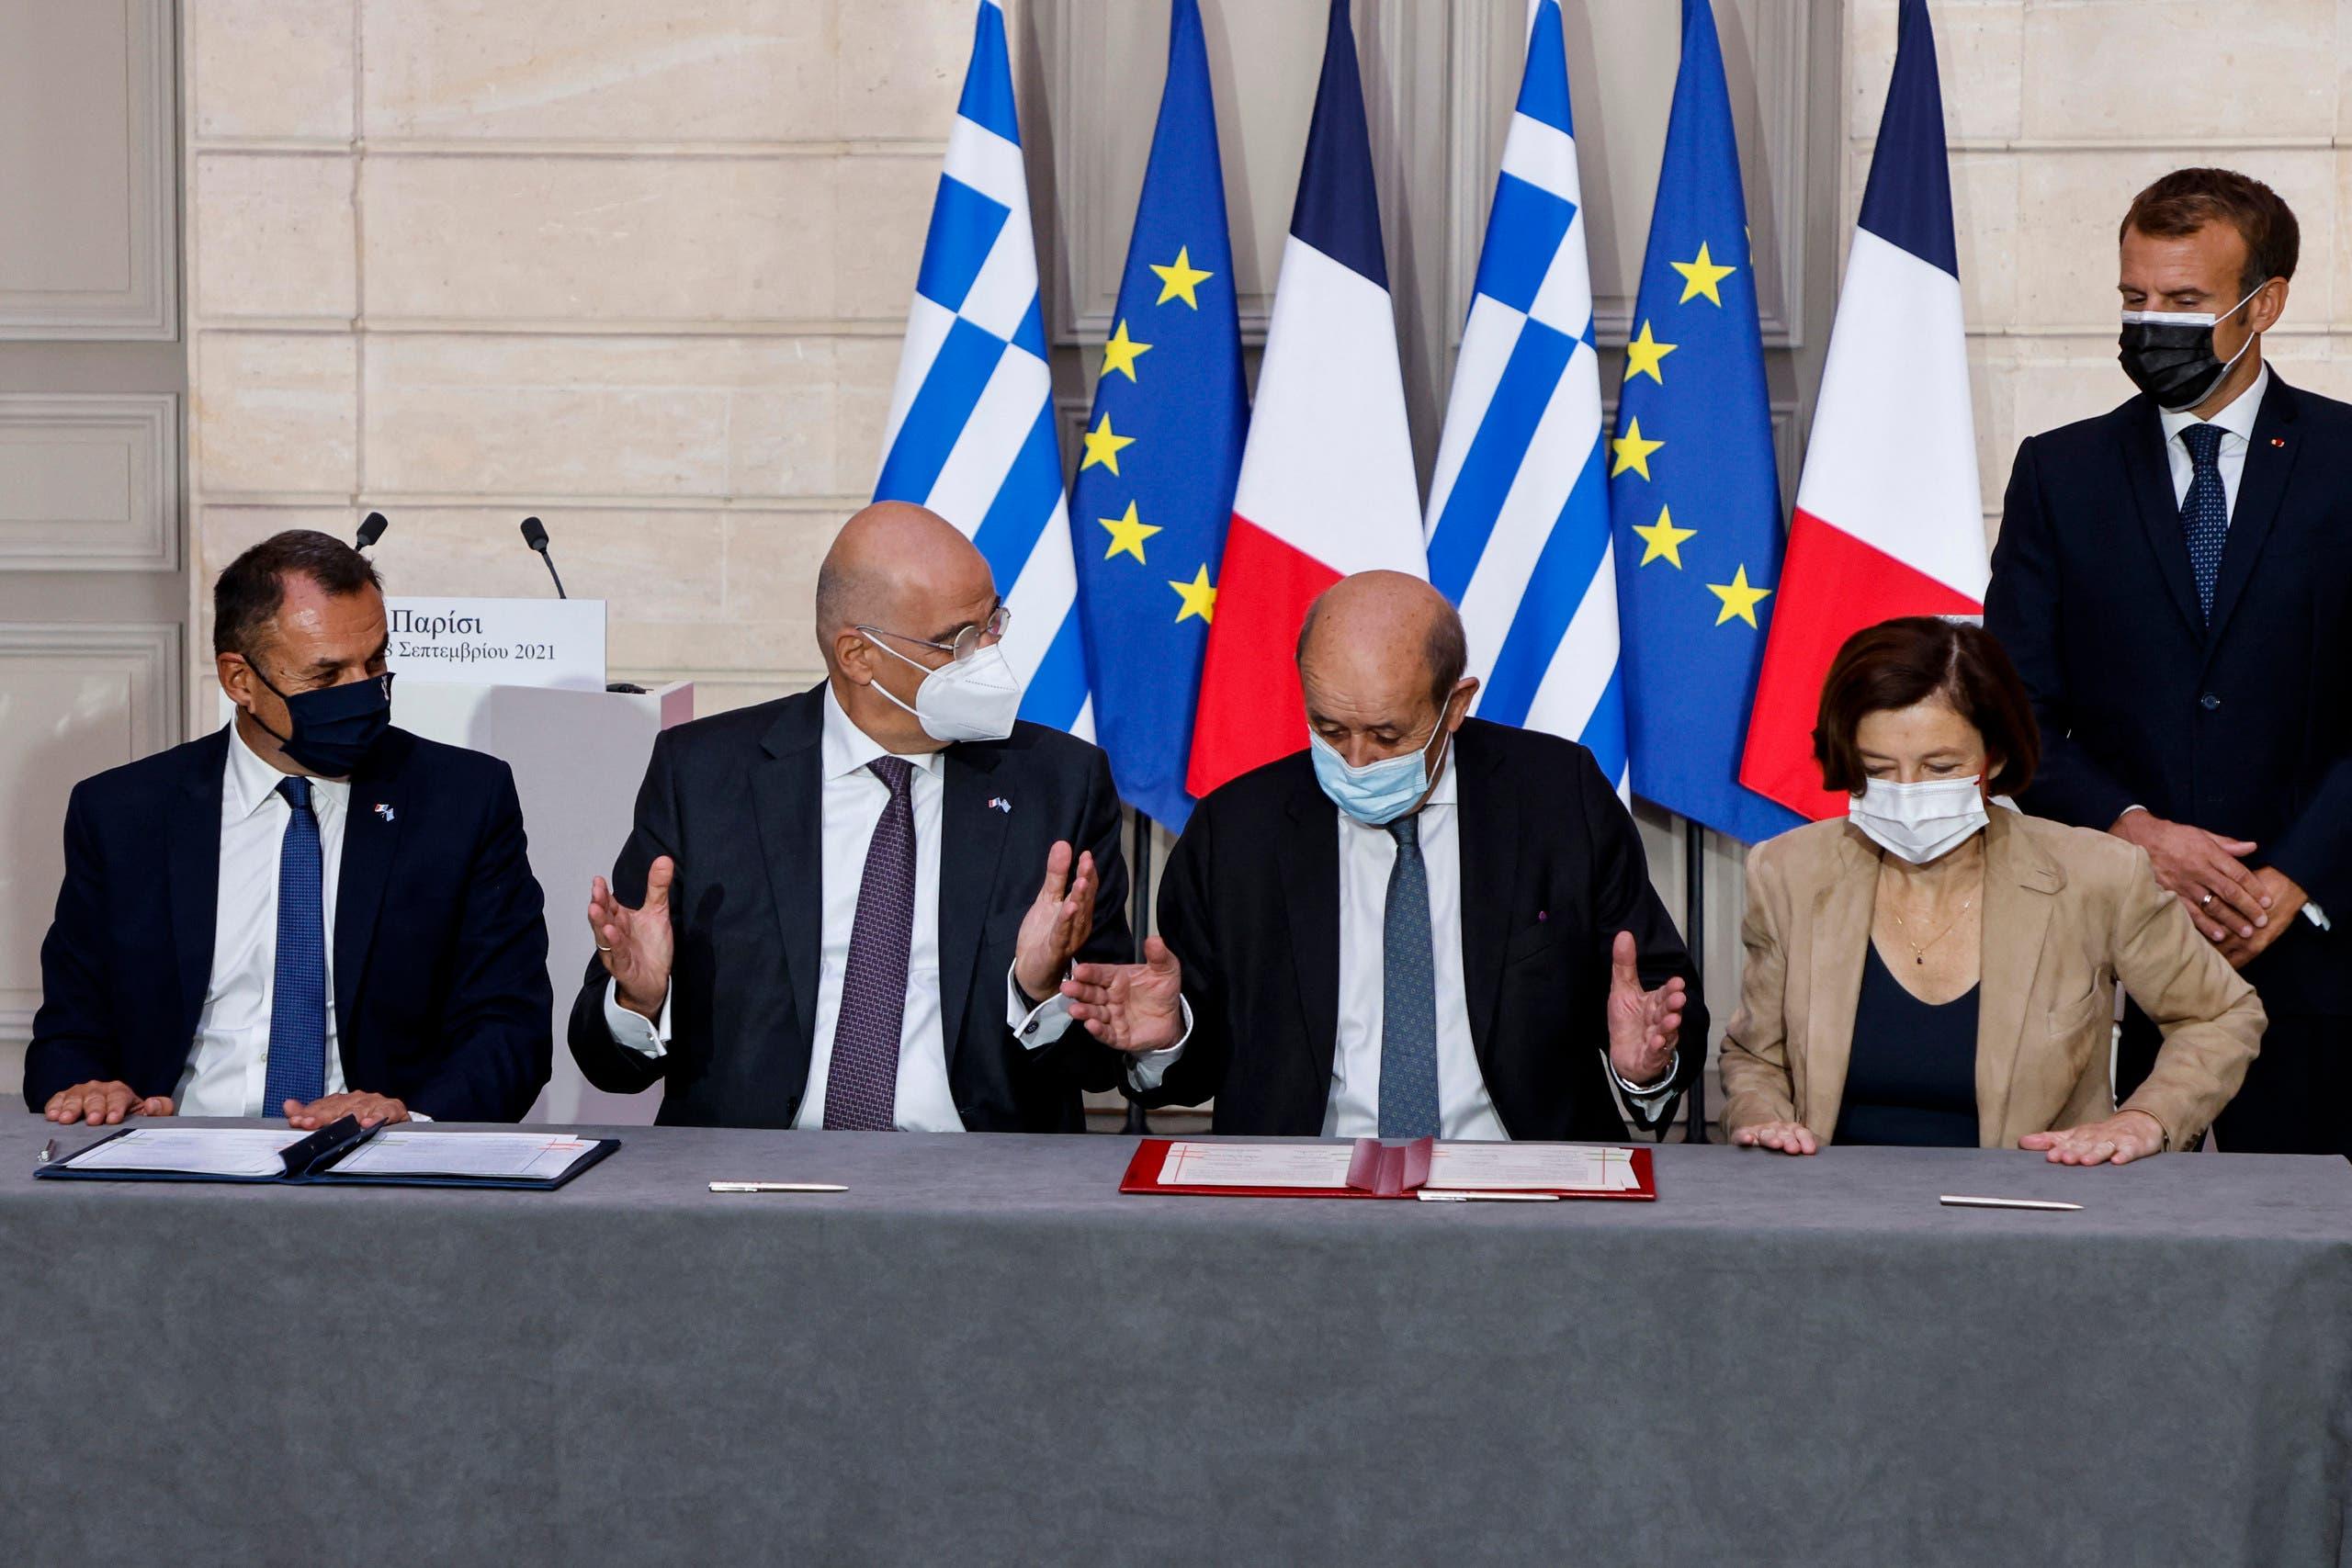 توقيع الاتفاقية الدفاعية بين باريس وأثينا في سبتمبر الماضي